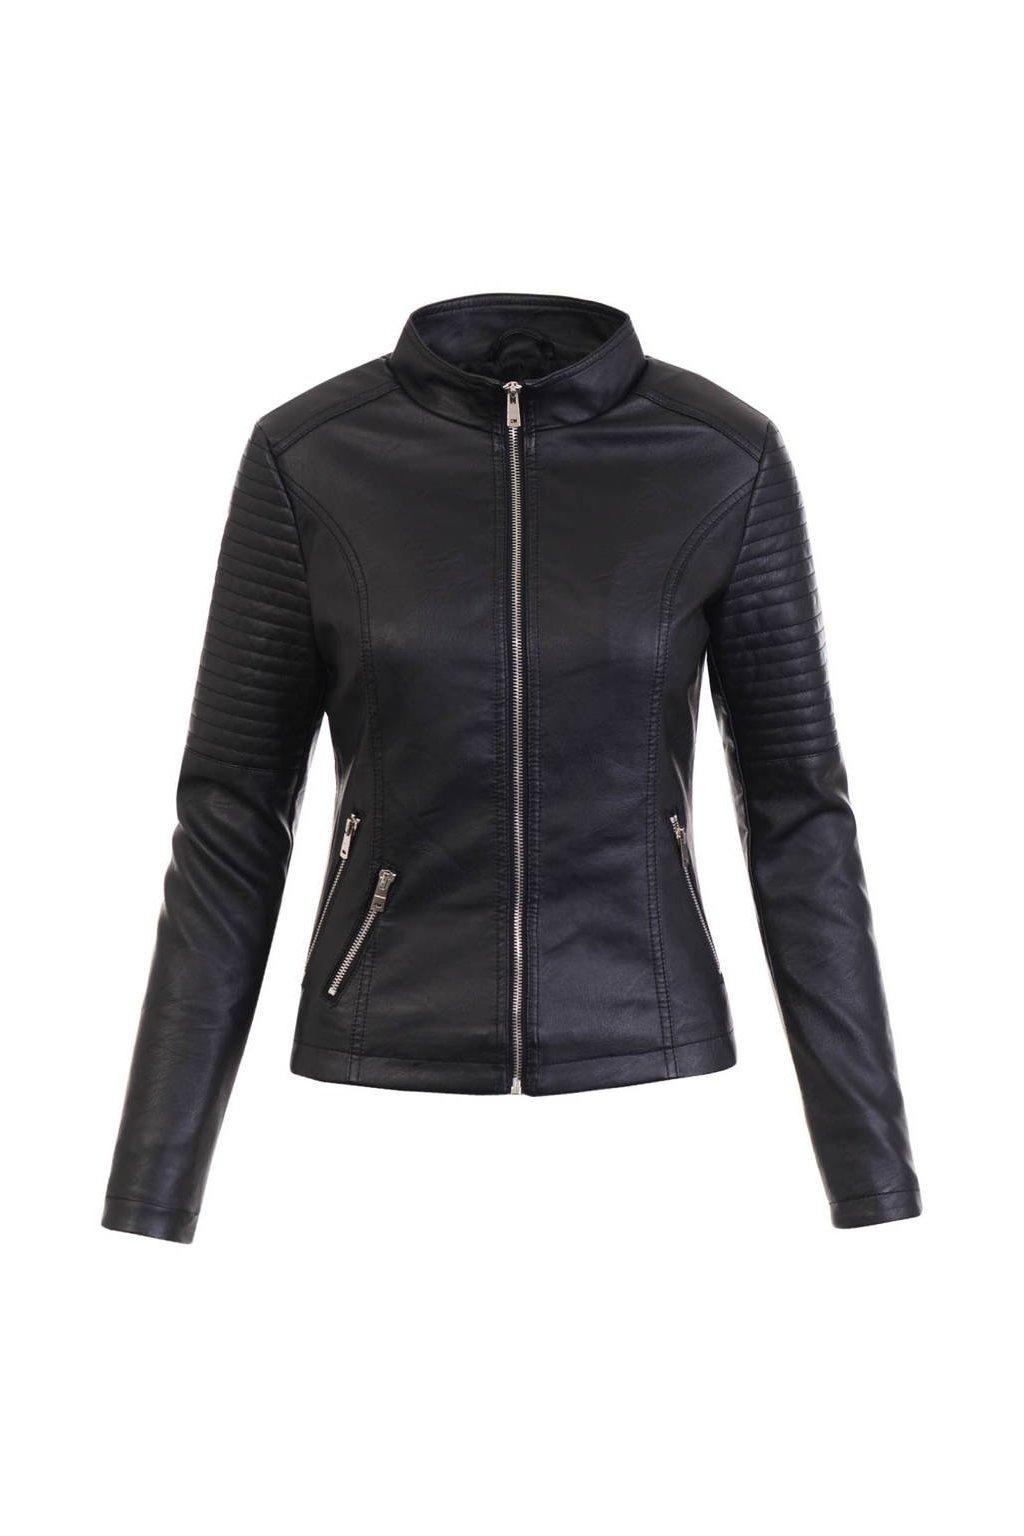 Dámska kožená bunda 5469 čierna